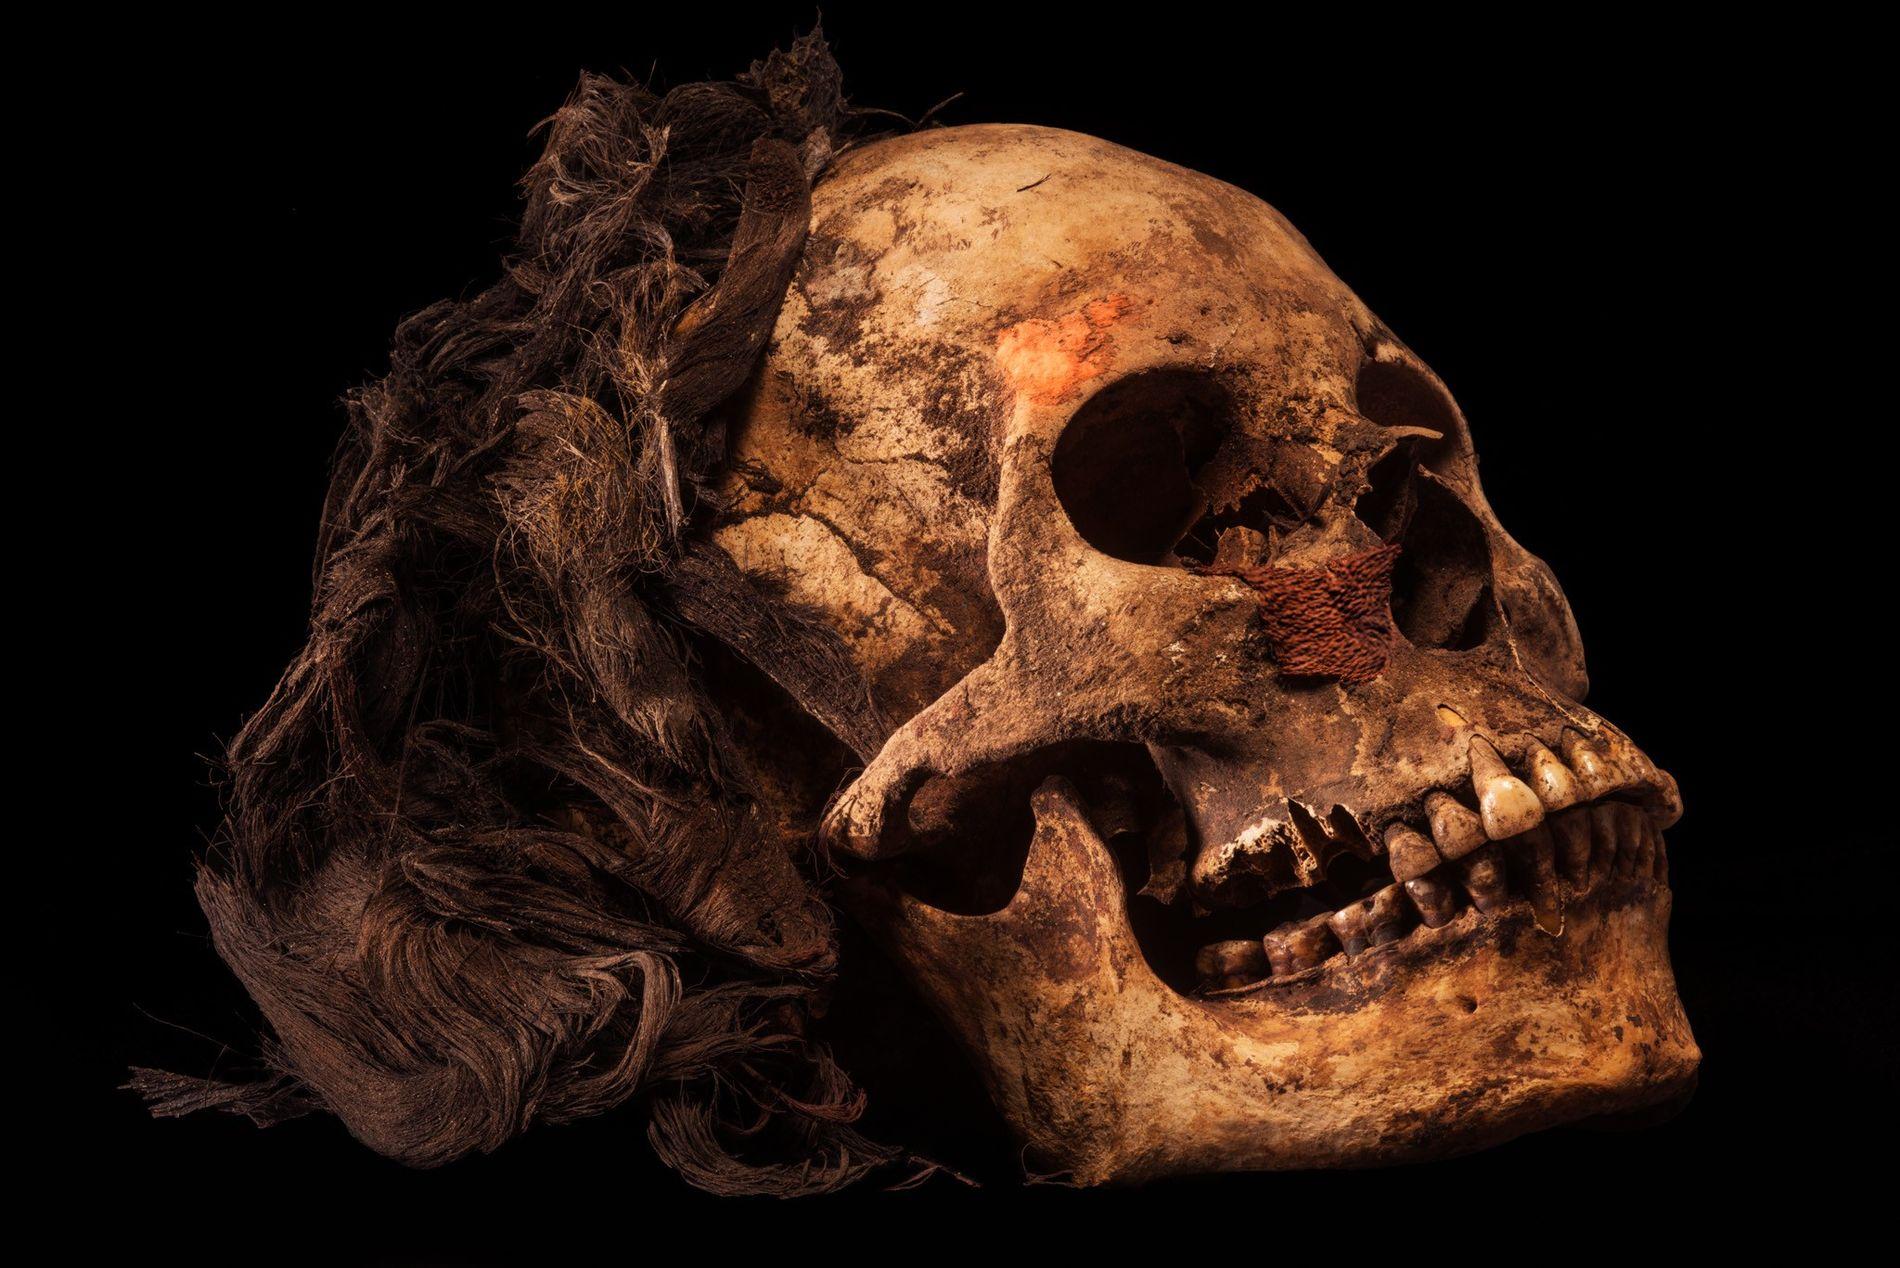 Le crâne de la reine photographié après son excavation. Des cheveux noirs ont été préservés par le climat aride de la région.